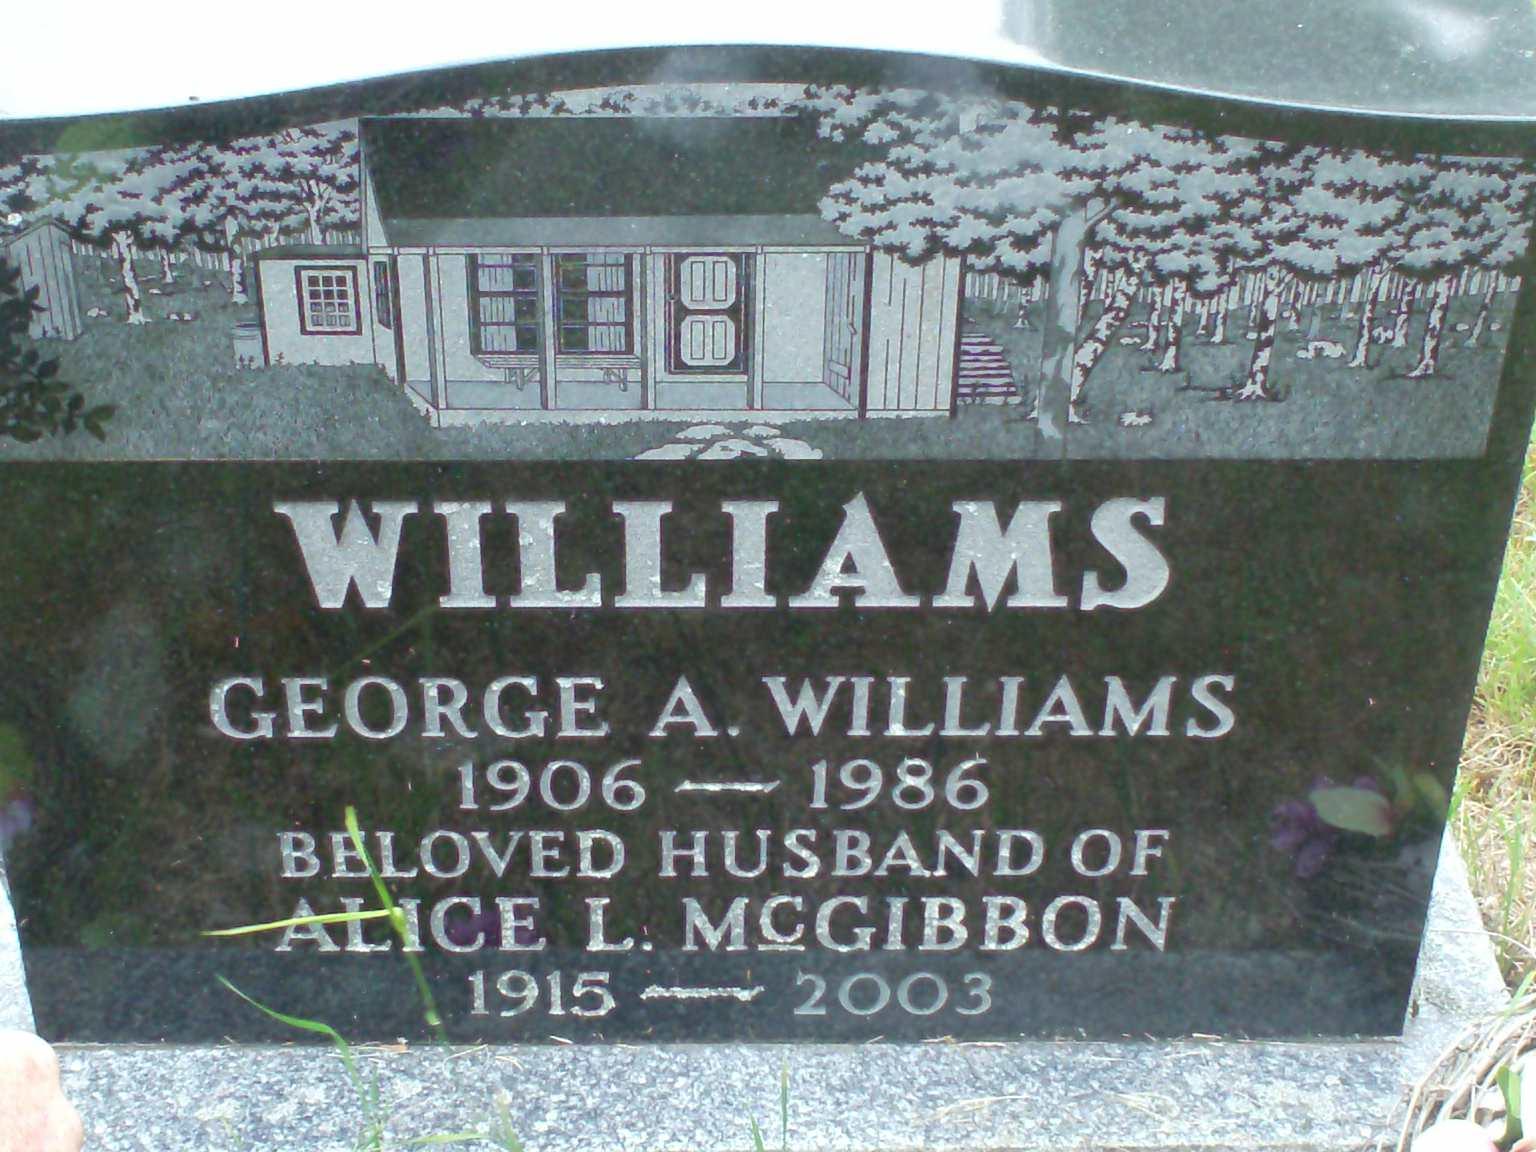 George Arthur Williams